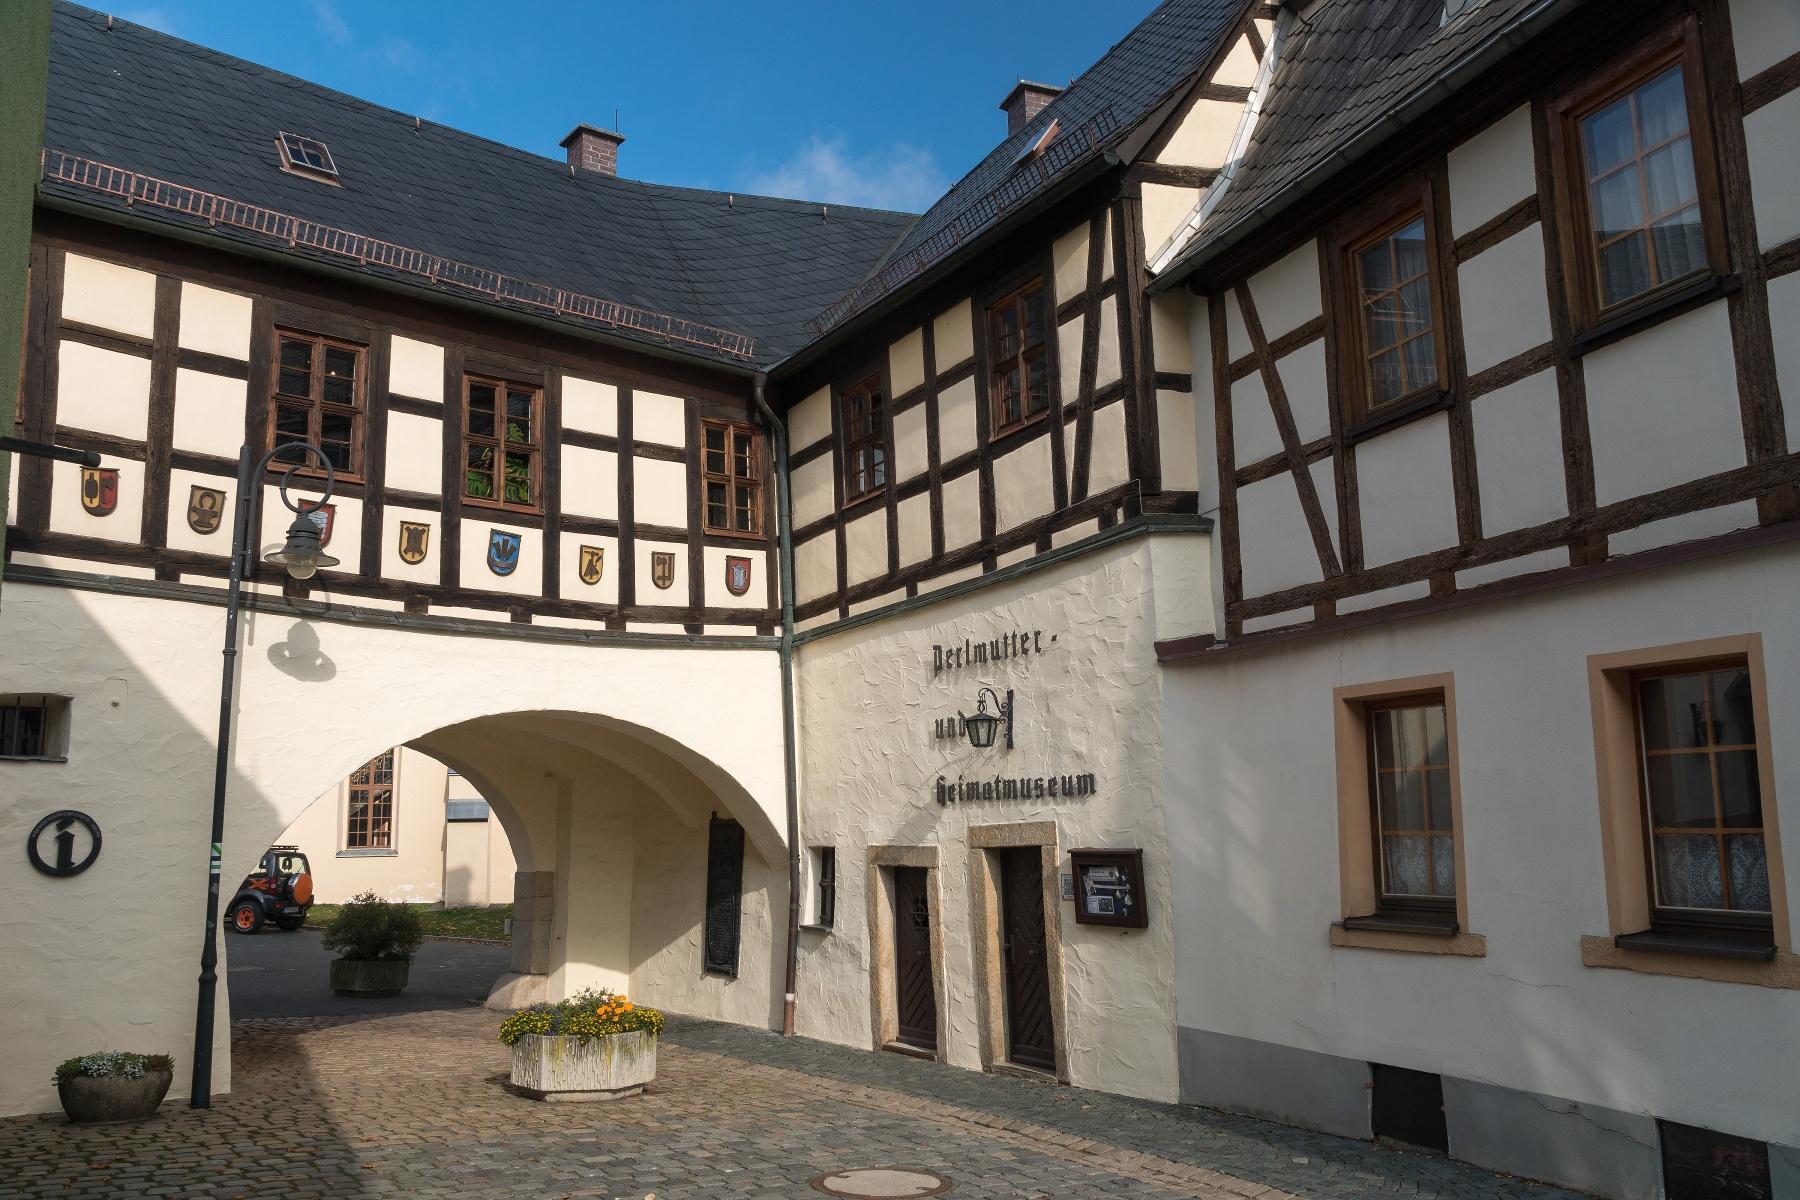 Perlmutterausstellung im Freiberger Tor in Adorf/Vogtl.